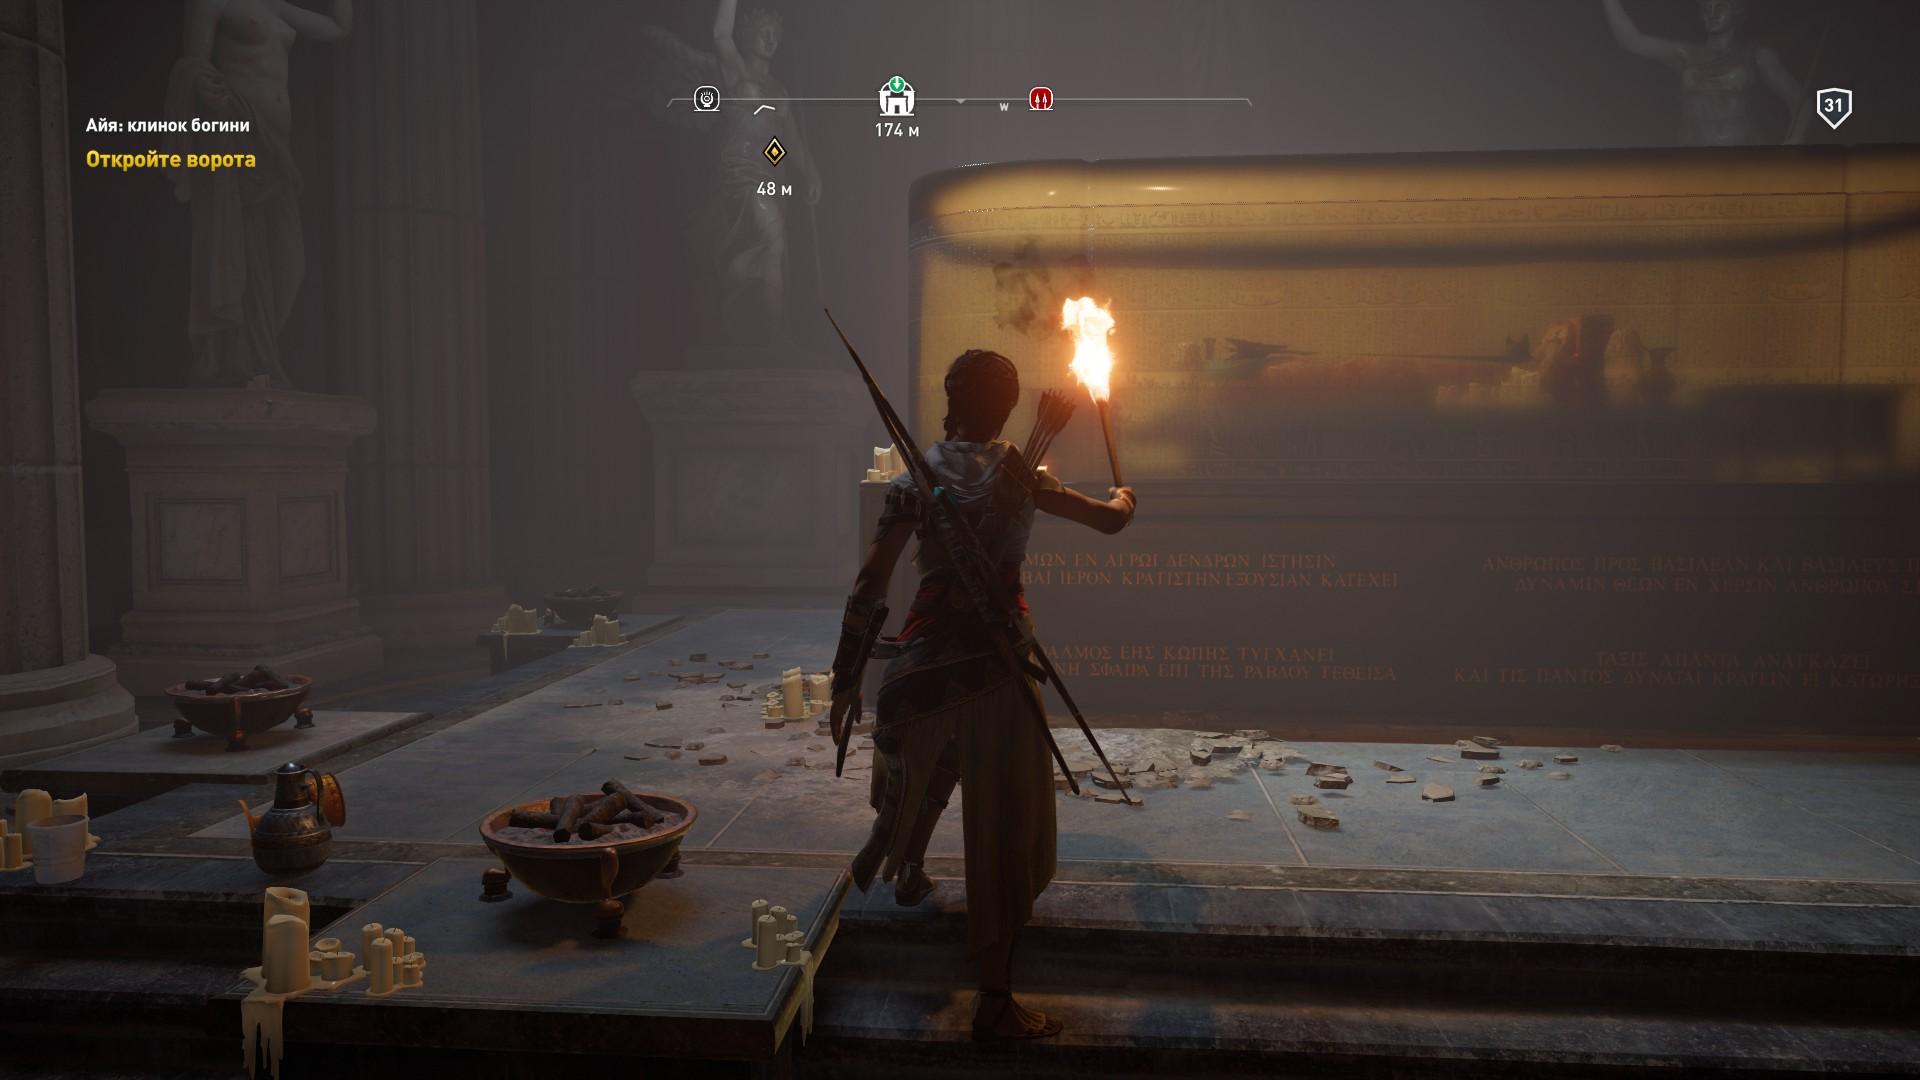 Assassin's Creed® Origins2018-1-23-21-24-19.jpg - Assassin's Creed: Origins